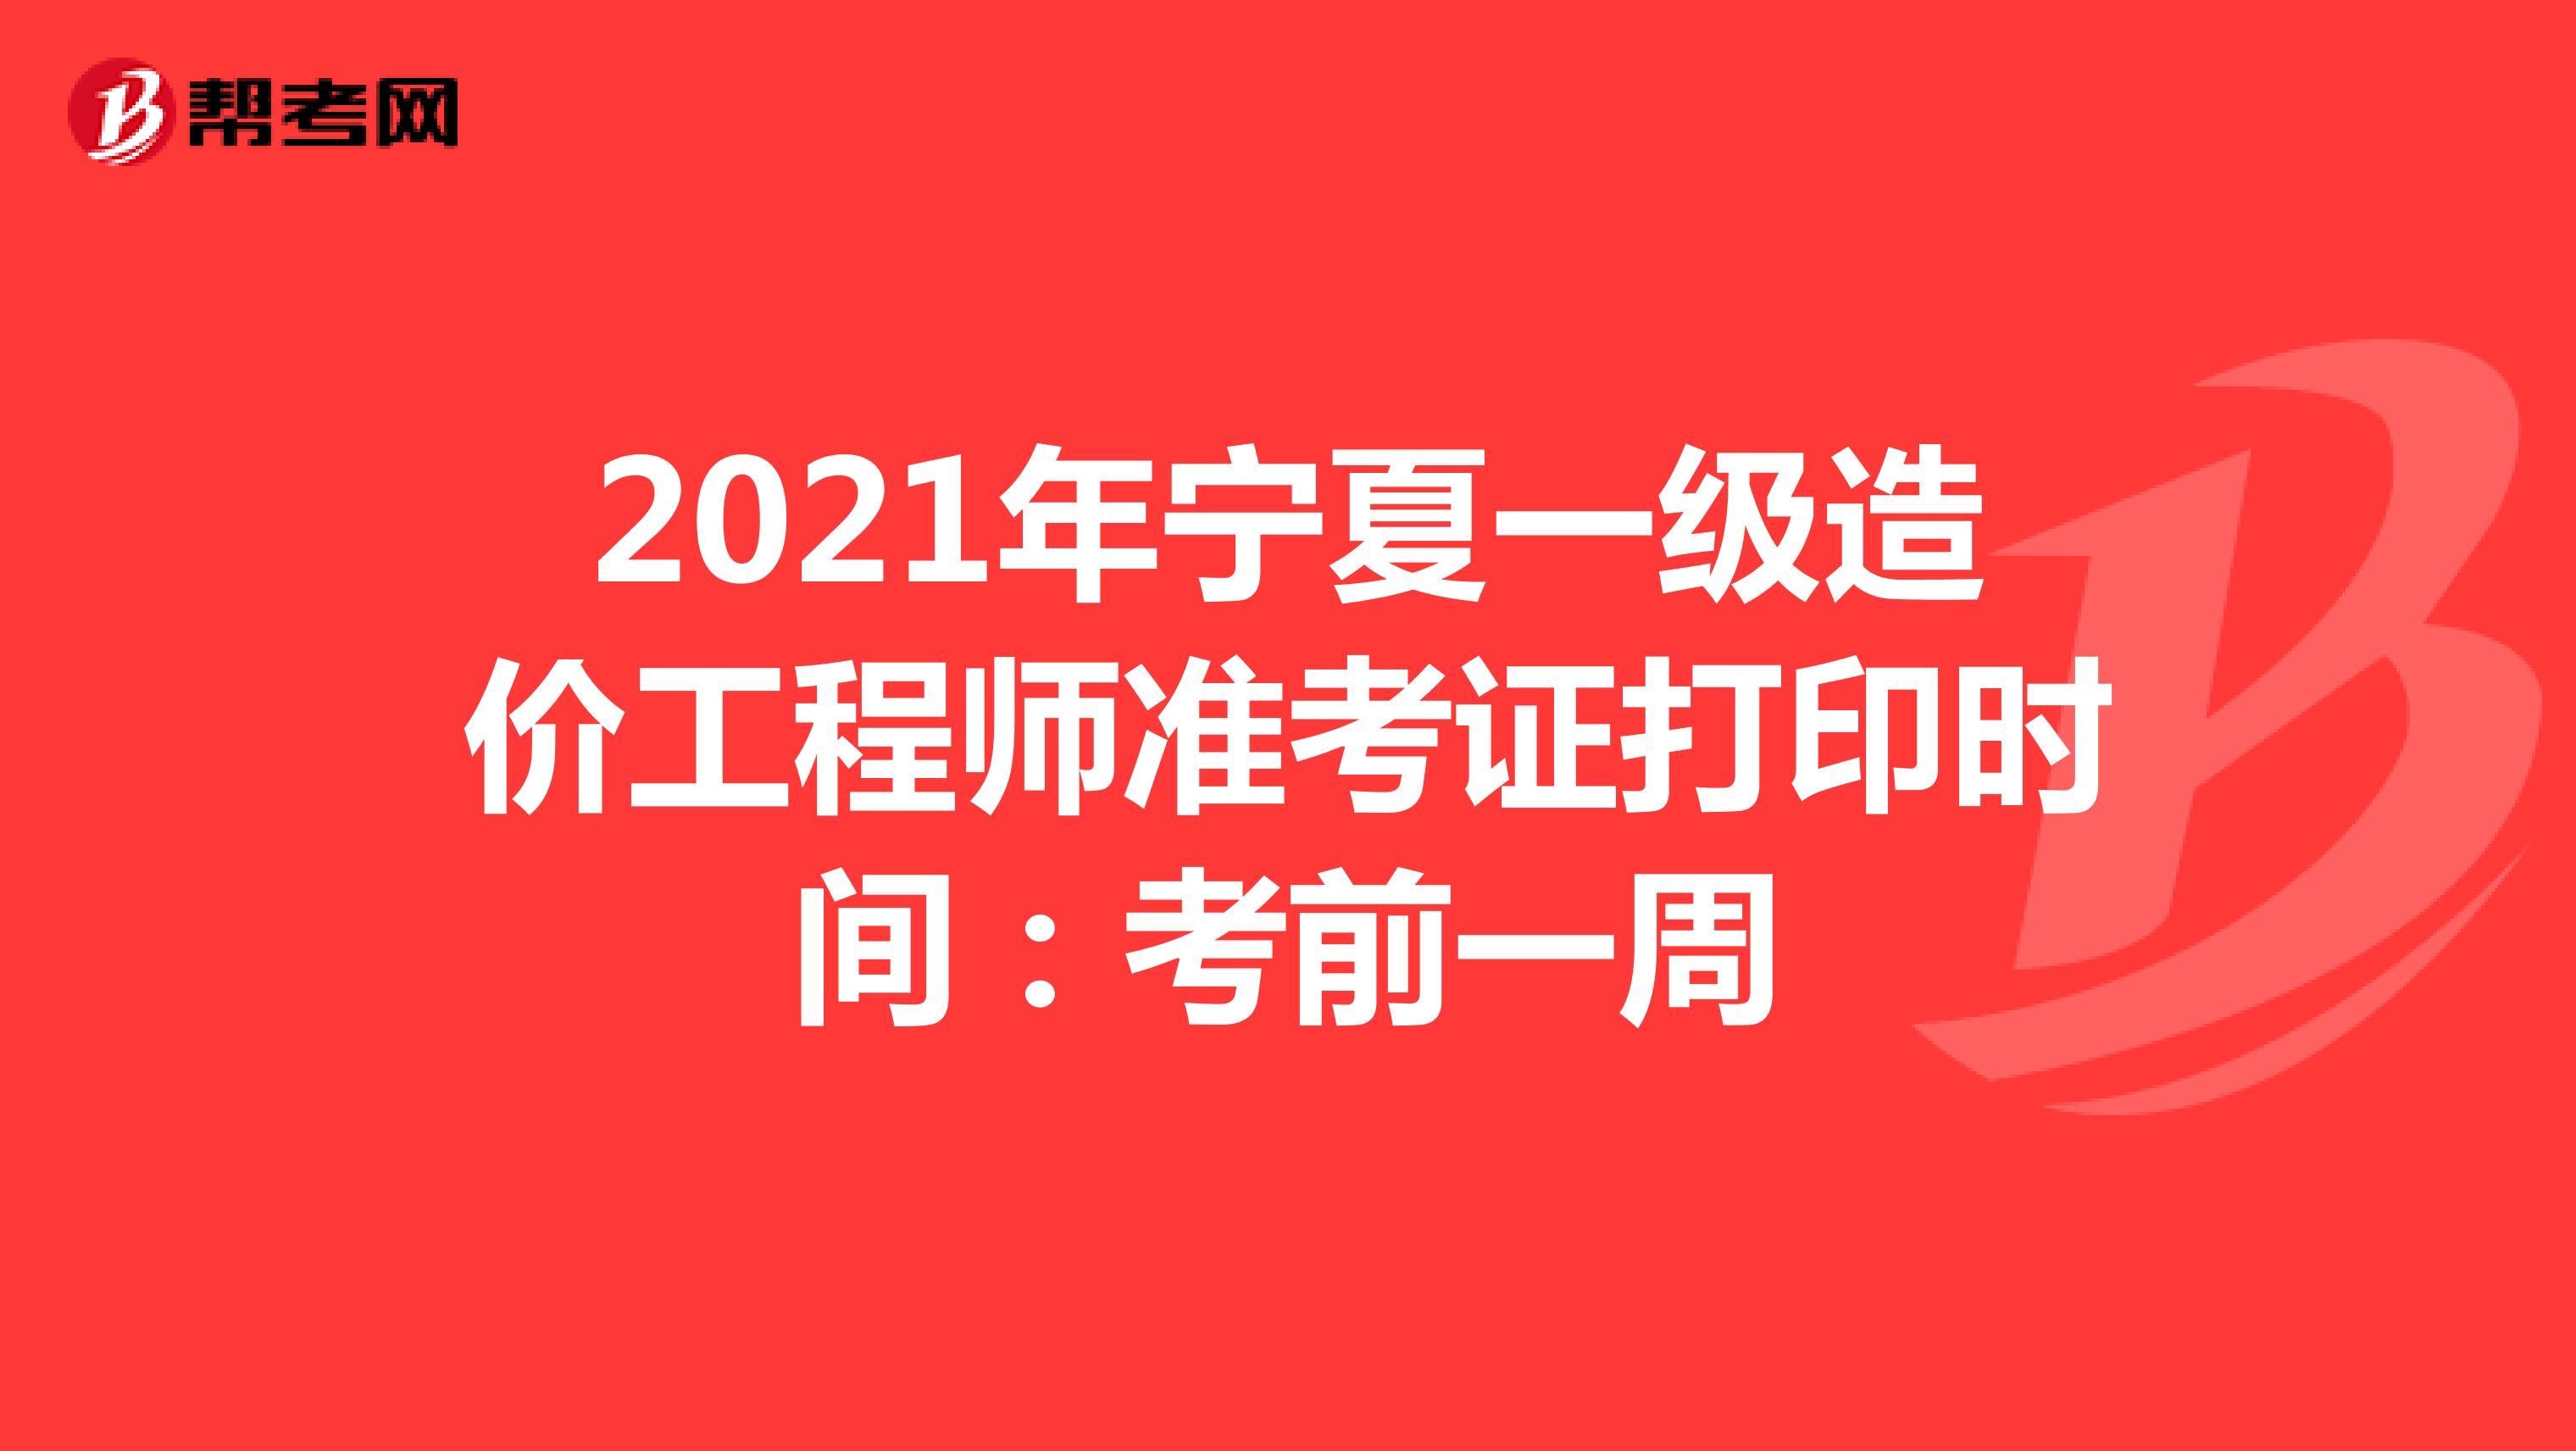 2021年宁夏一级造价工程师准考证打印时间:考前一周